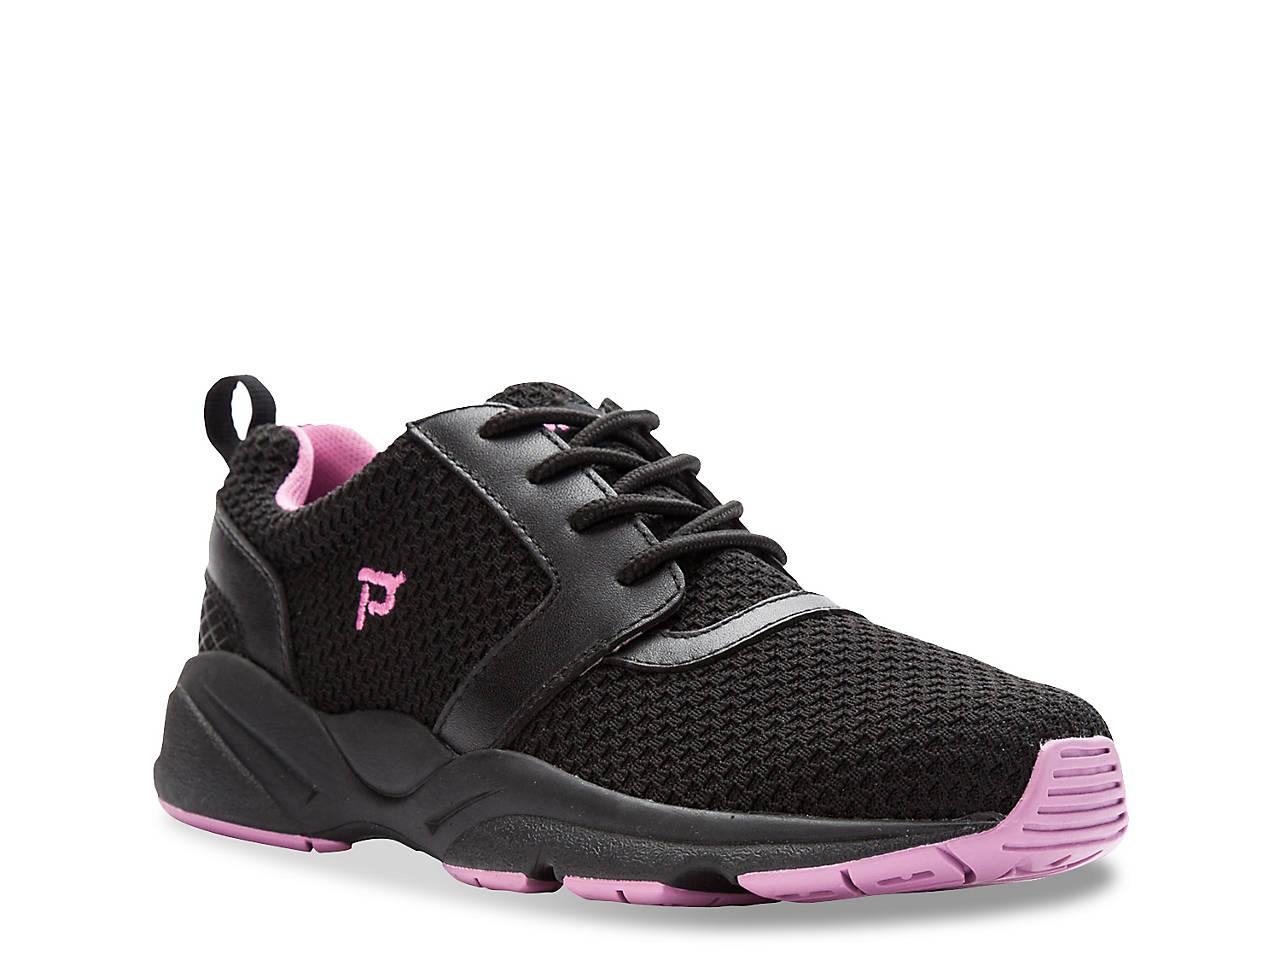 Stability X Walking Shoe   Women's by Propet